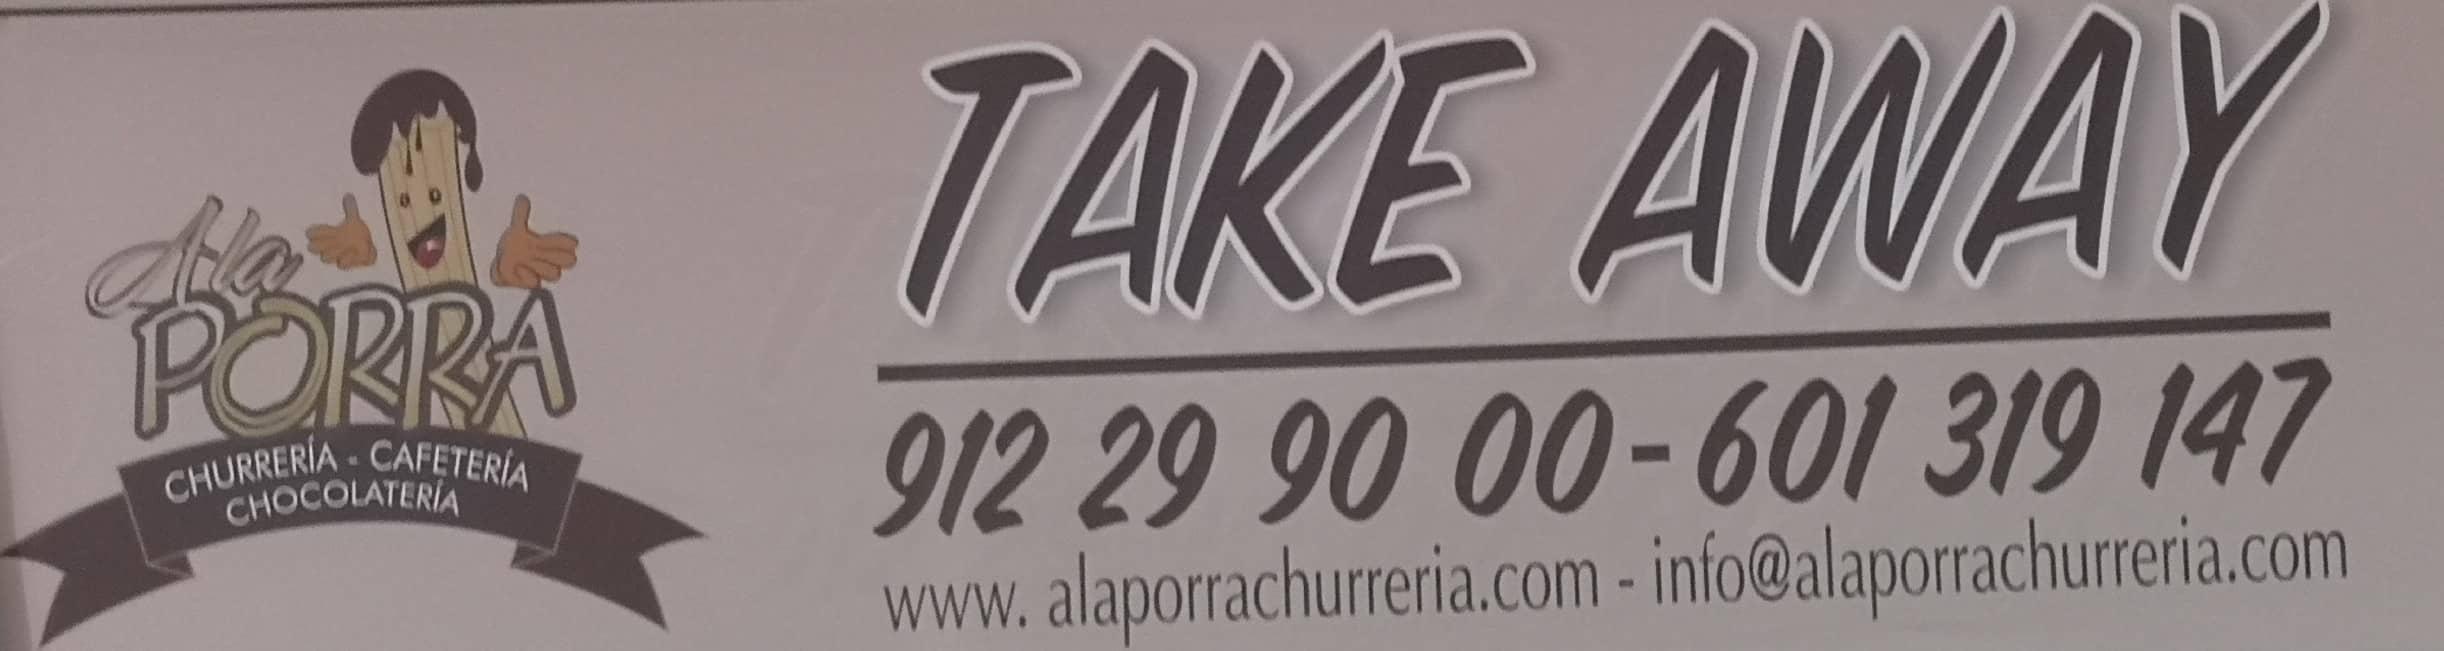 take away a la porra